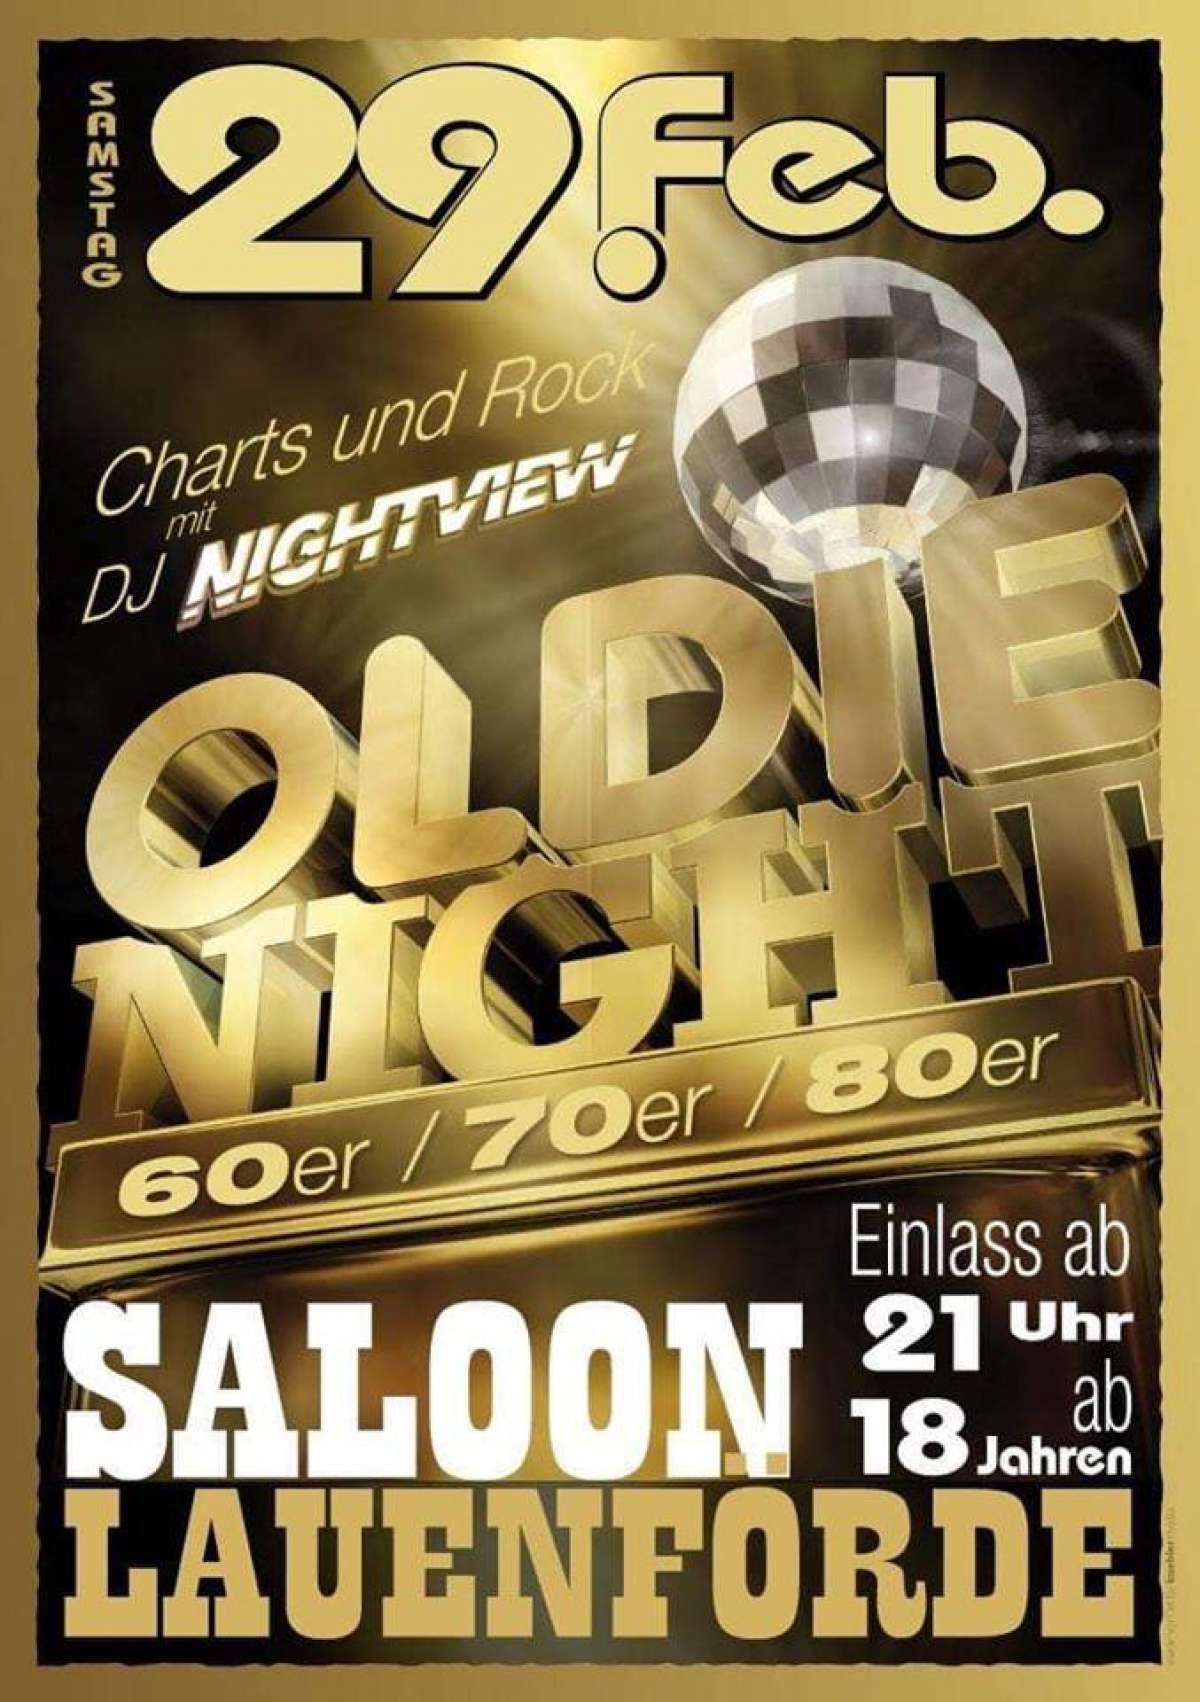 Oldie Night - Nightview - Saloon  - Lauenförde